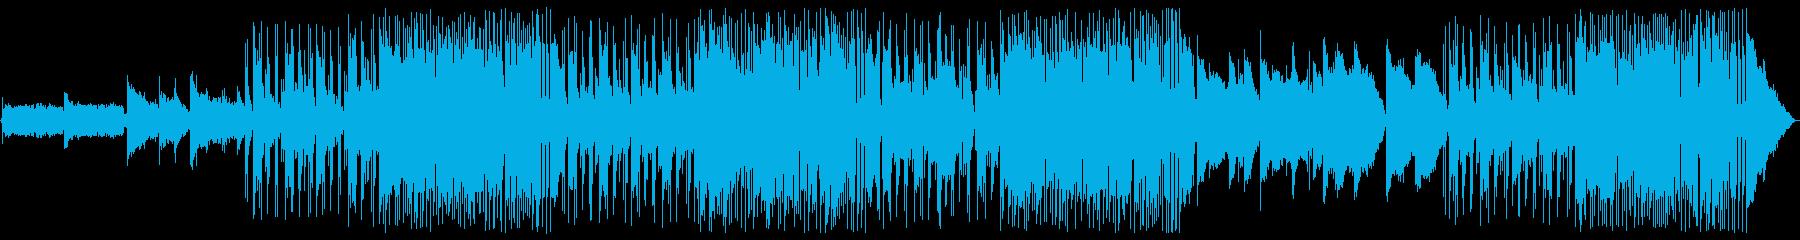 シンプルなギターフュージョンの再生済みの波形